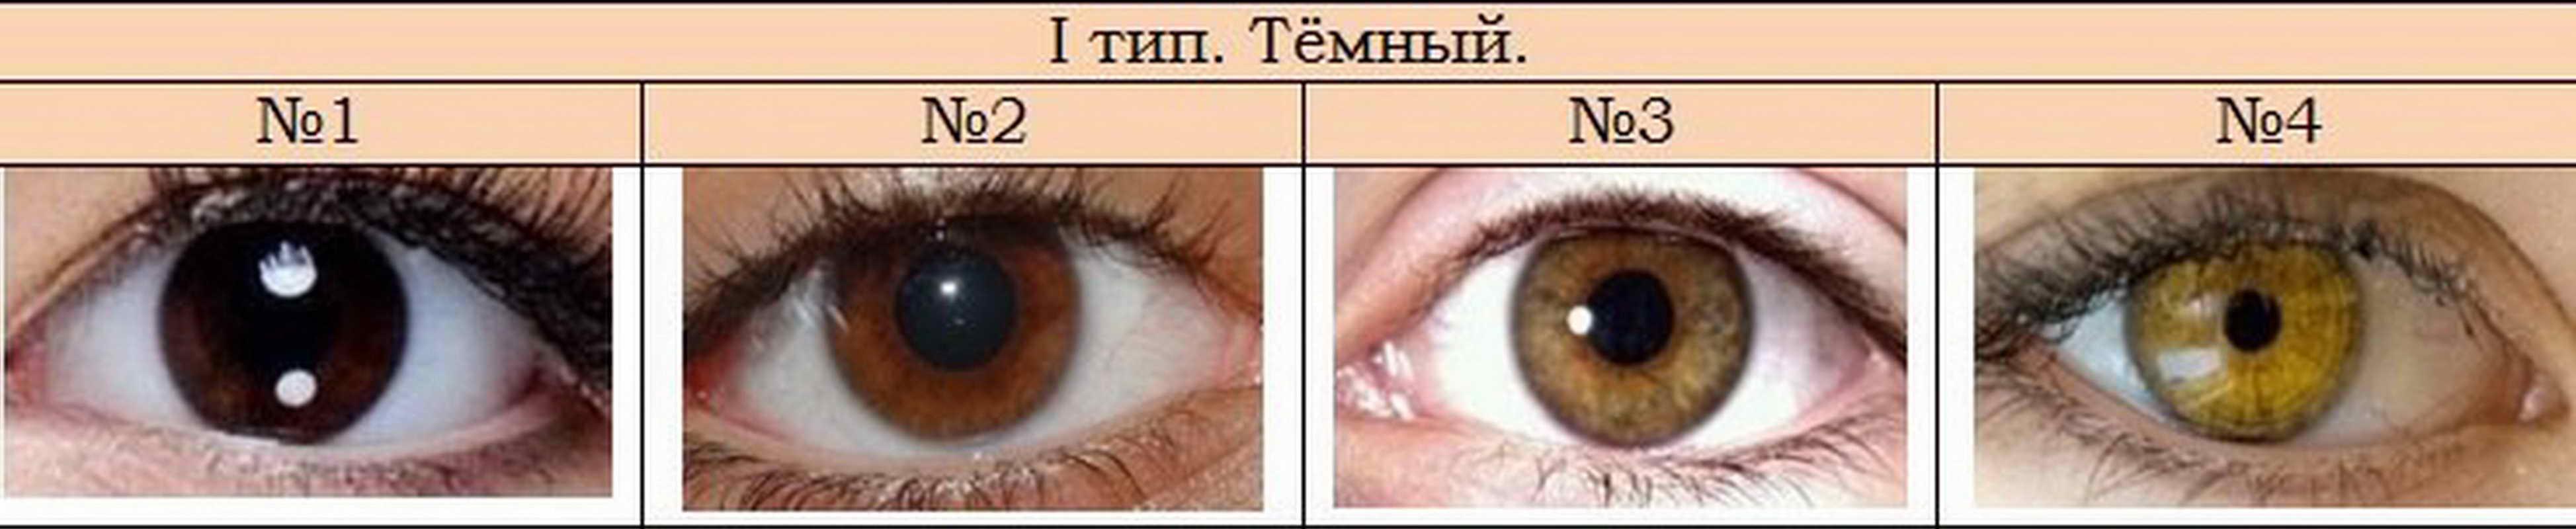 Как изменить цвет глаз? Способы без линз и операций 64